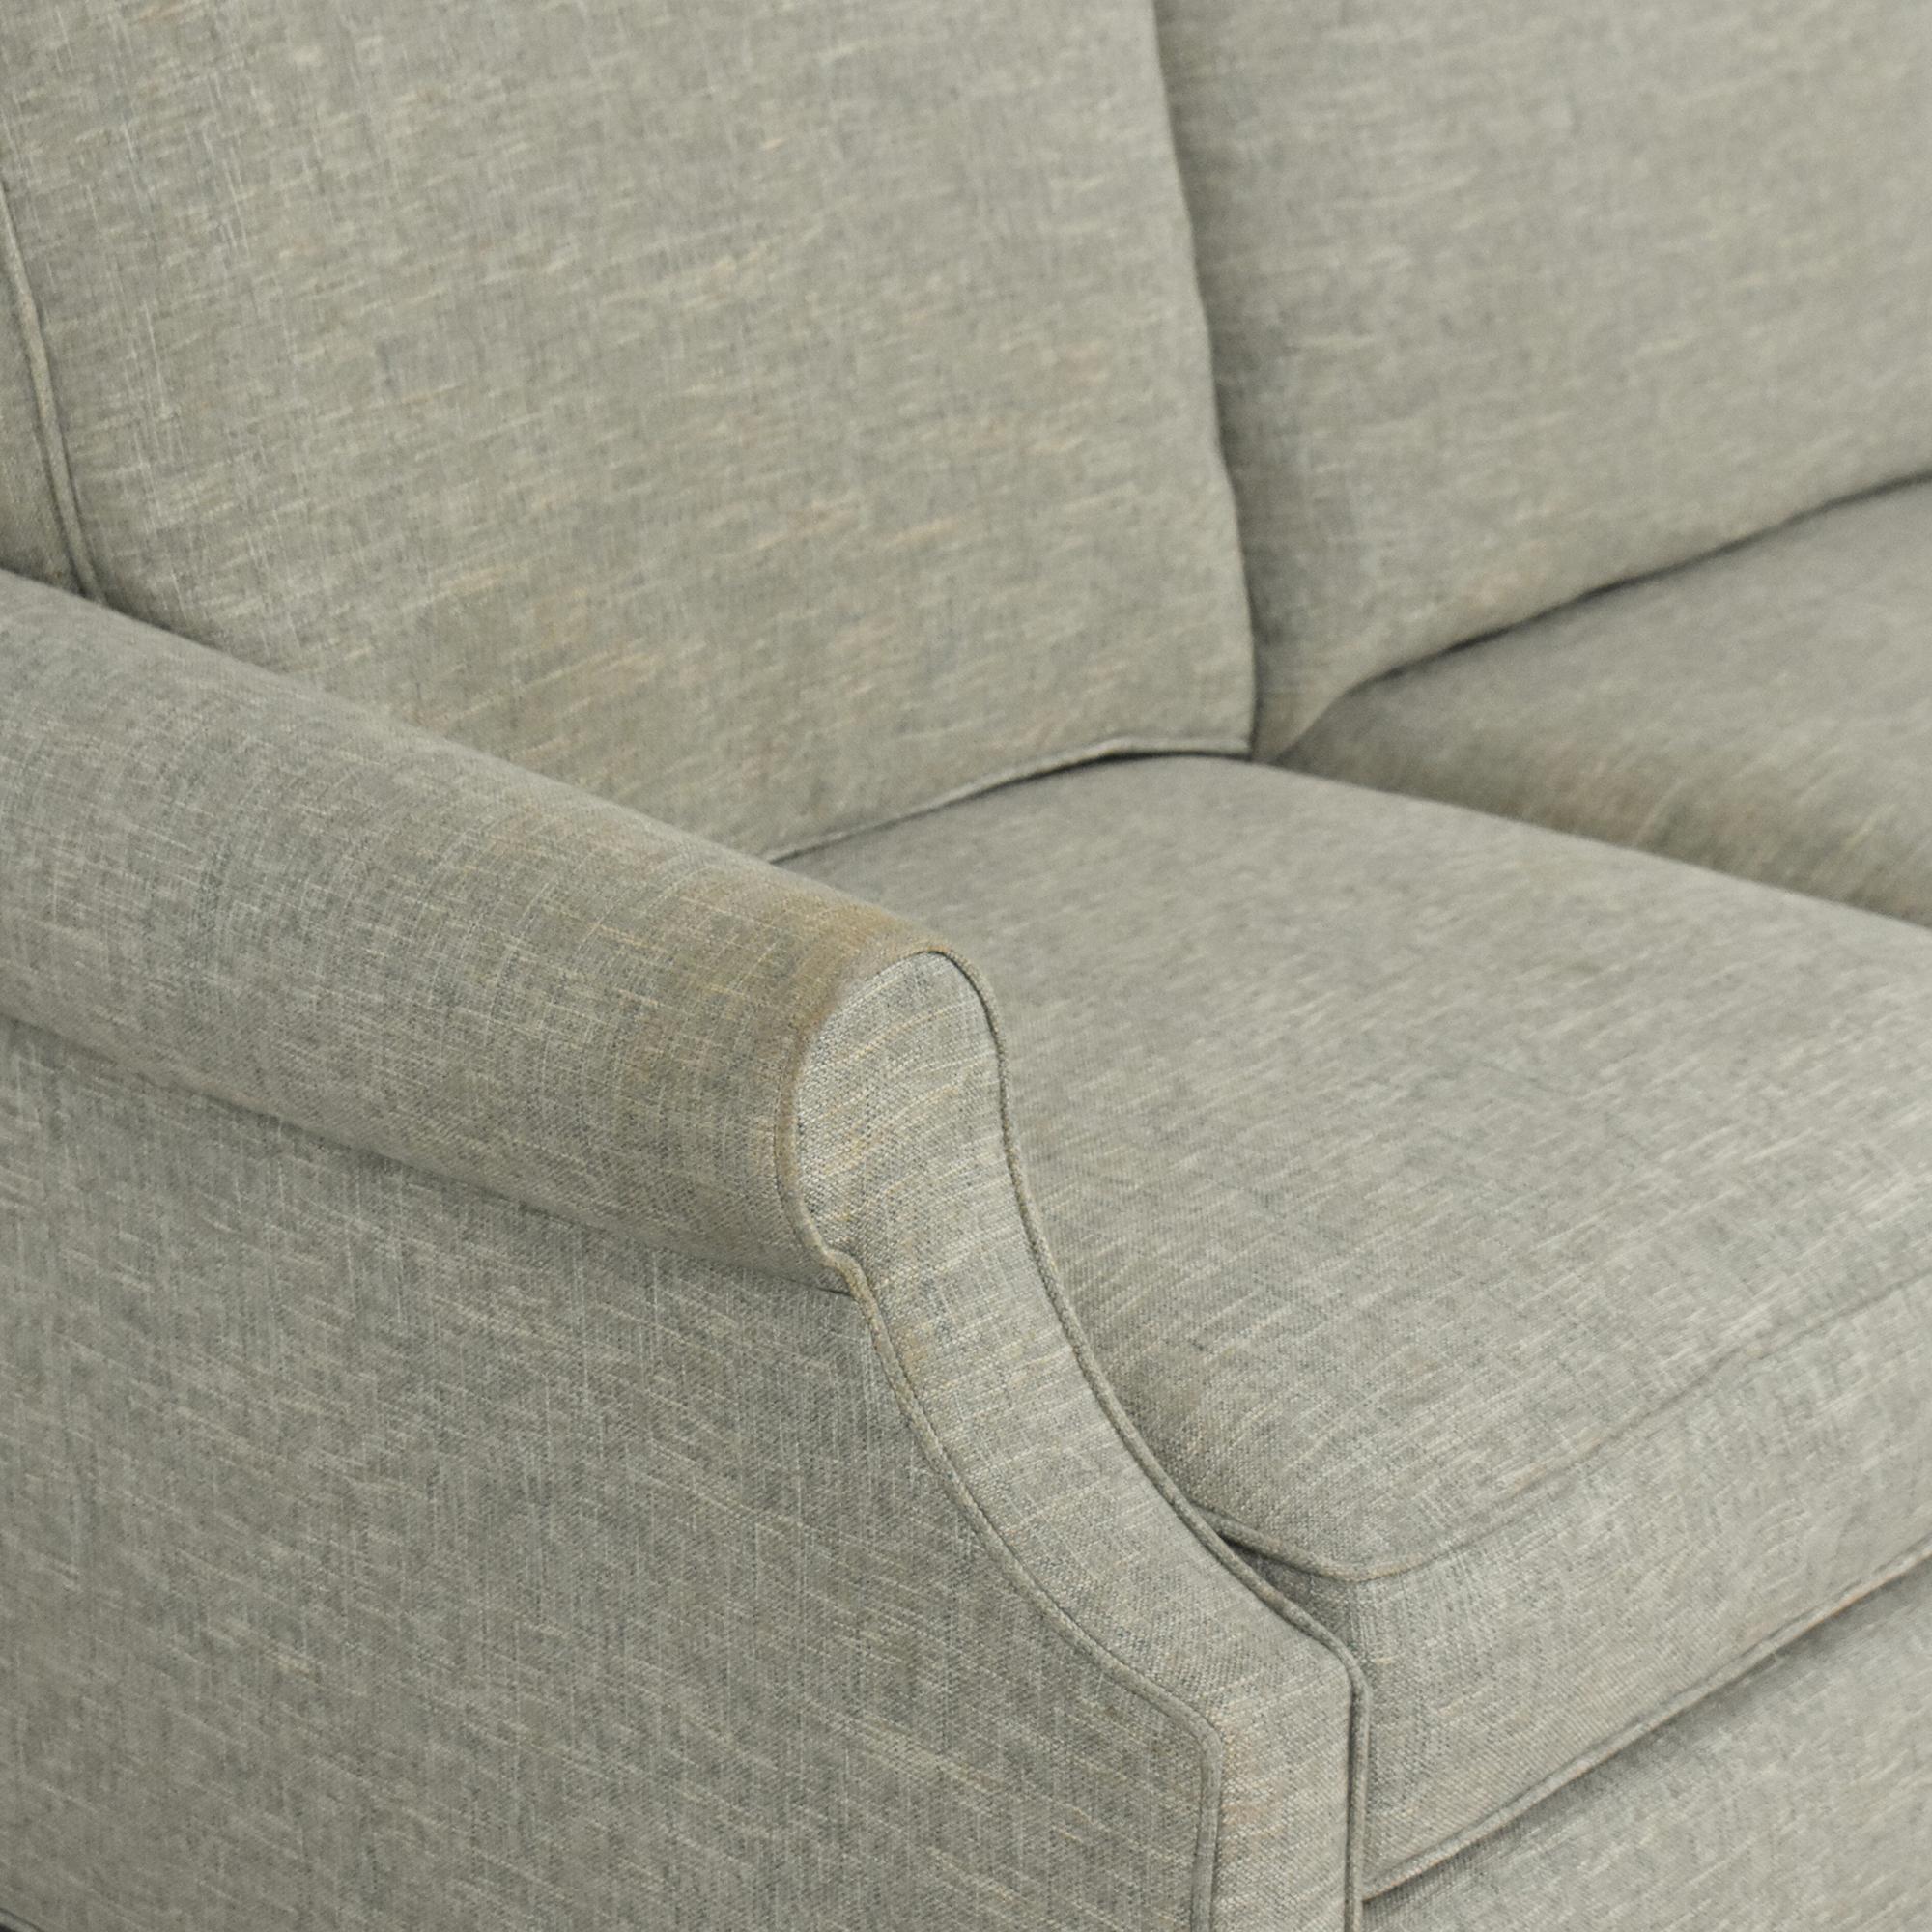 Stickley Furniture Stickley Furniture Natick Sofa coupon